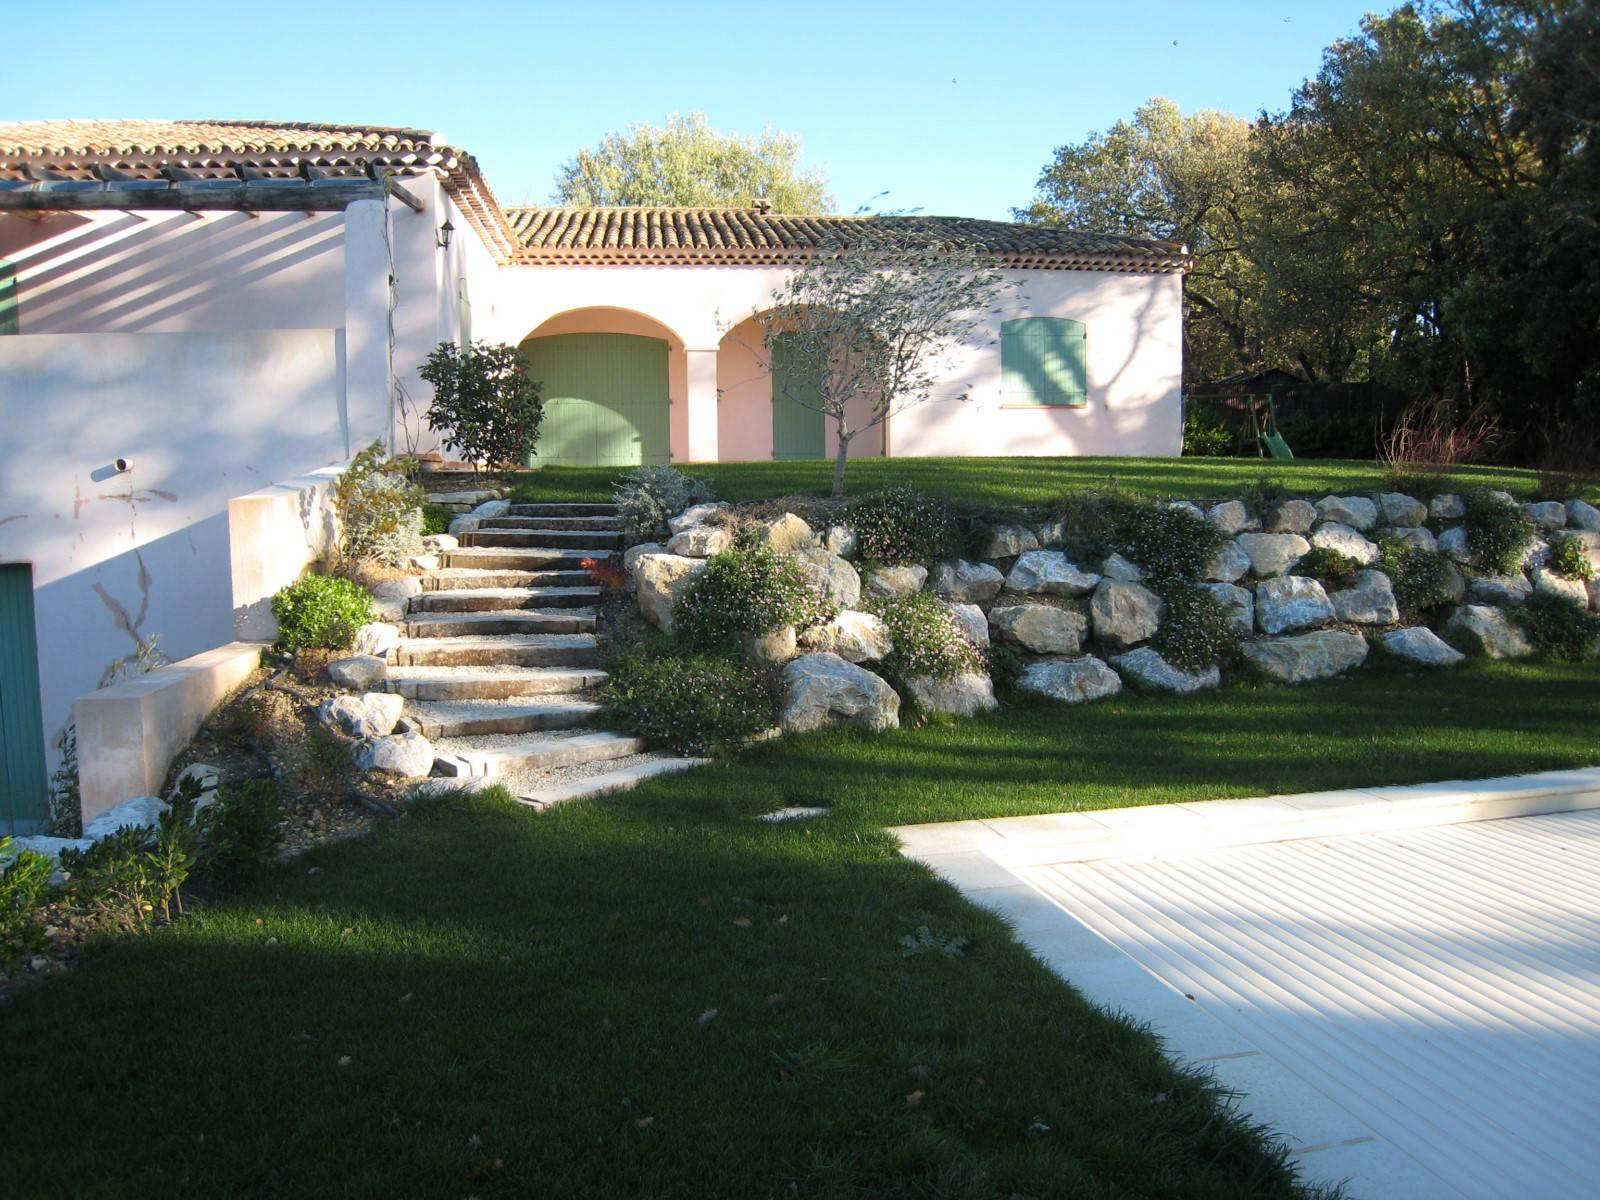 Enrochement velaux 13880 amenagement entretien paysager for Le jardin des 5 sens aix en provence